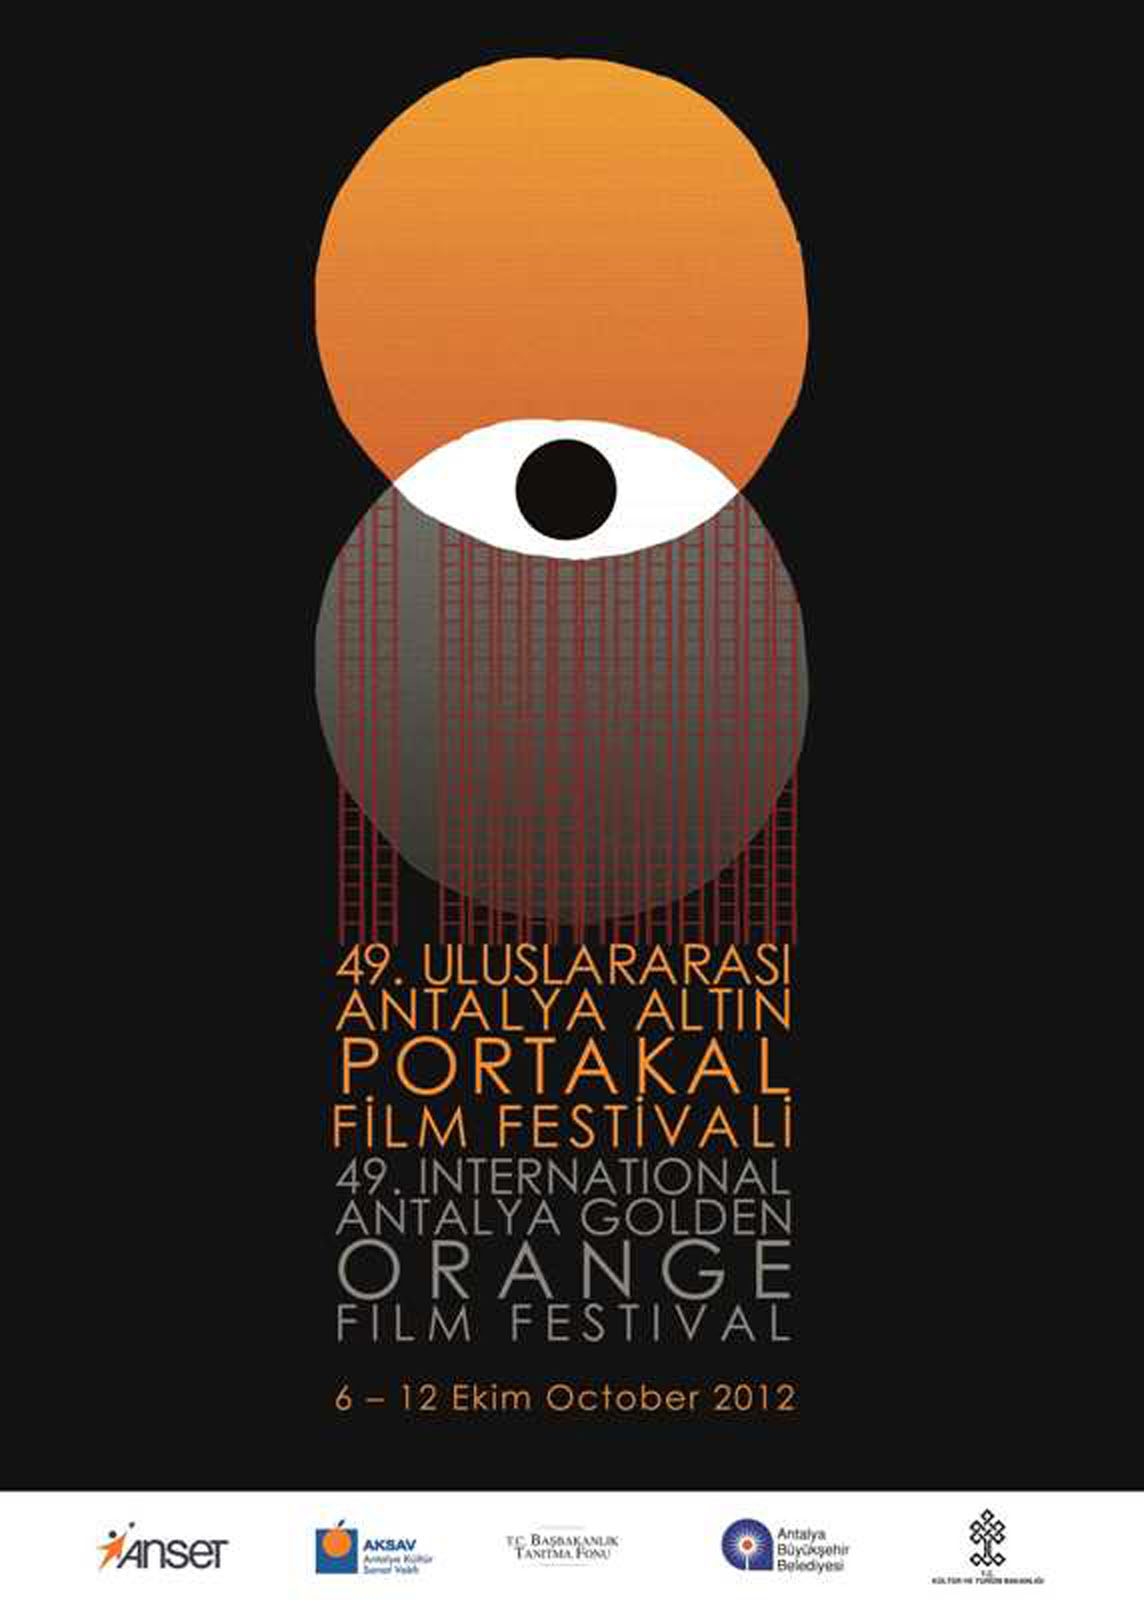 52. Altın Portakalda Ulusal Yarışma Filmleri Açıklandı 21